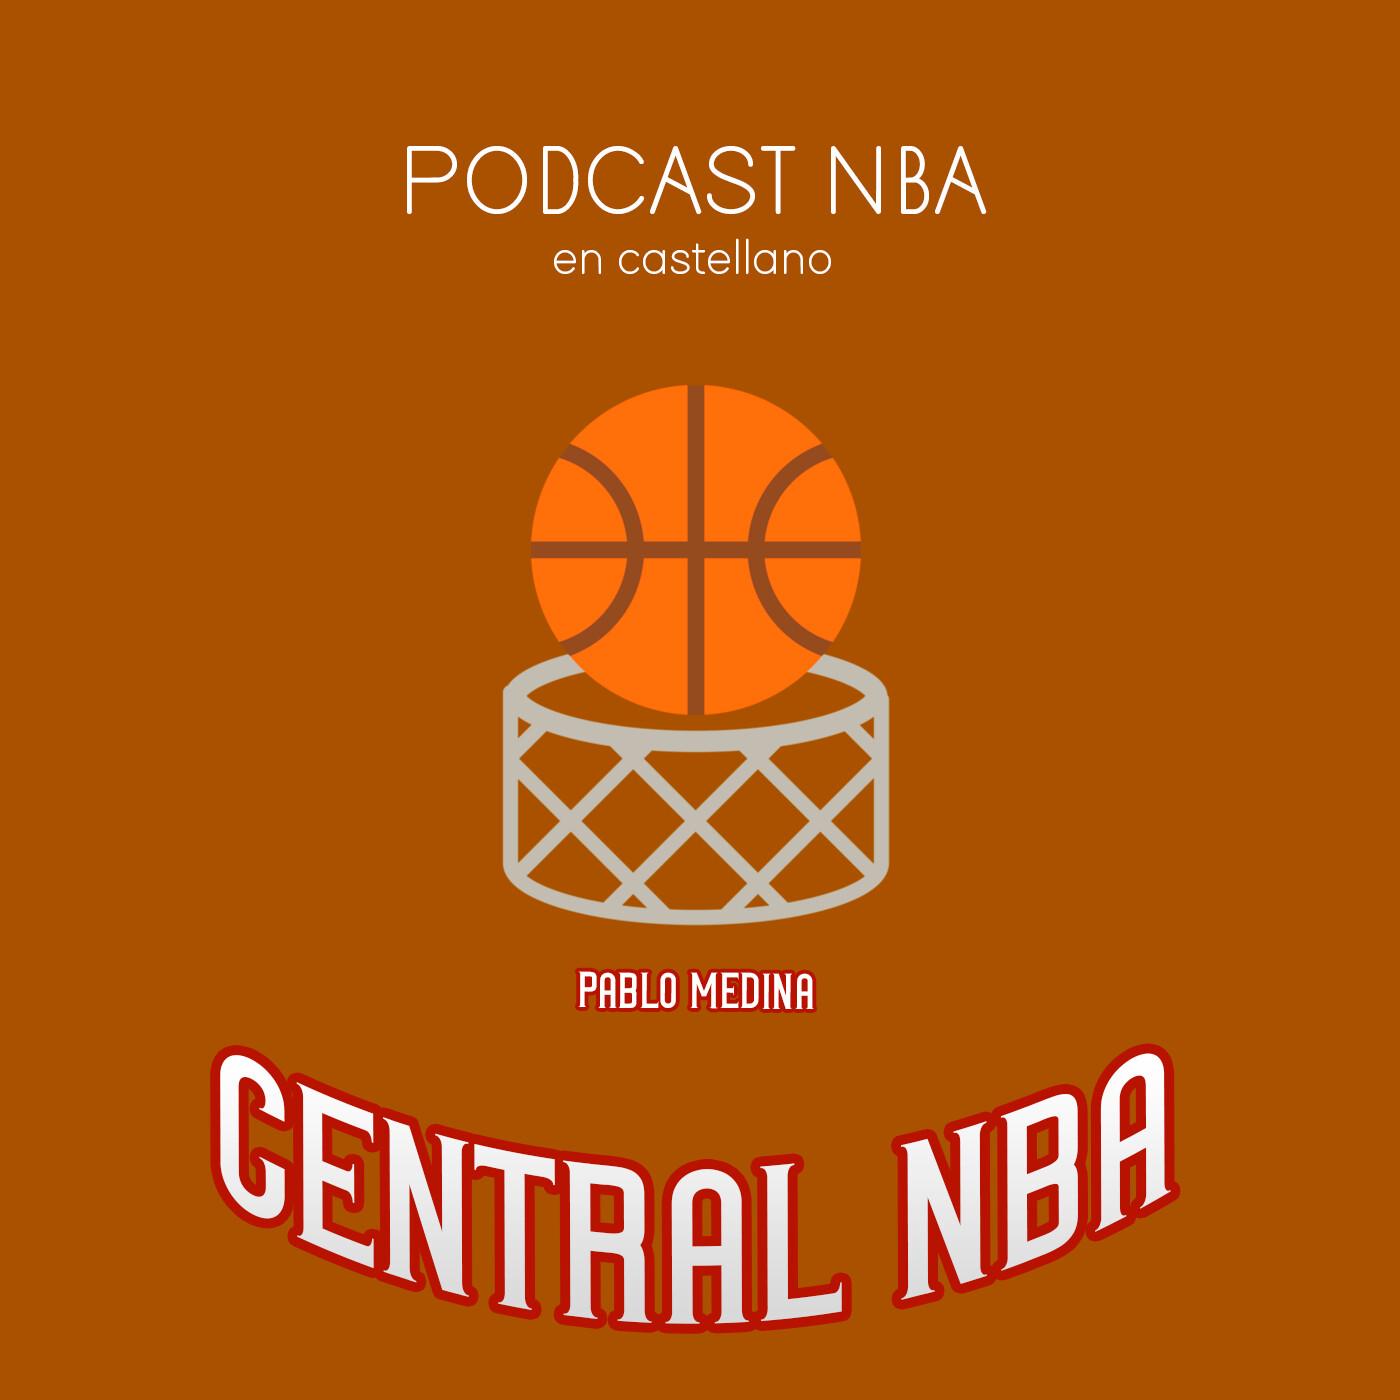 HABLAMOS DE MIAMI HEAT, JIMMY BUTLER Y HACEMOS una PREDICCIÓN DE SEGUNDA RONDA - CENTRAL NBA #28 (05/09/2020)